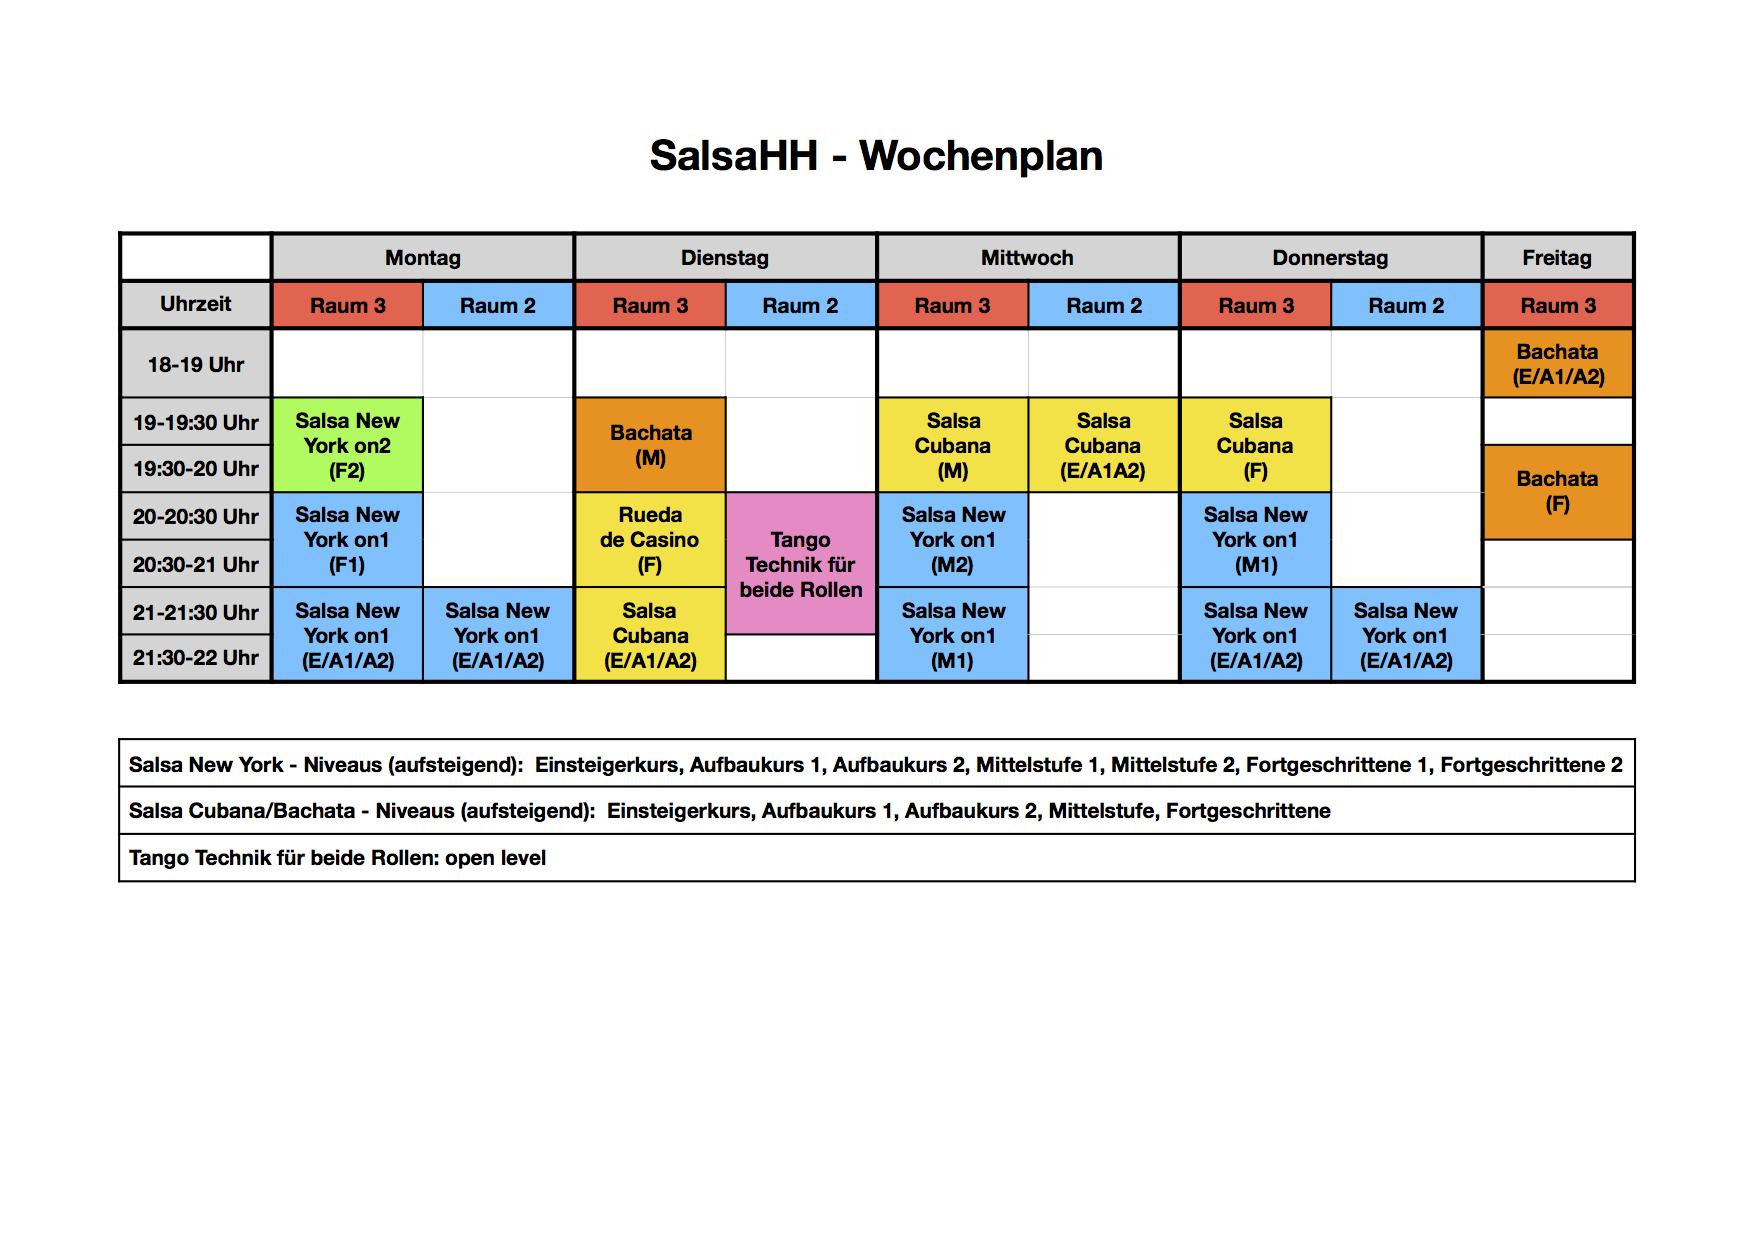 SalsaHH - Wochenplan 2017